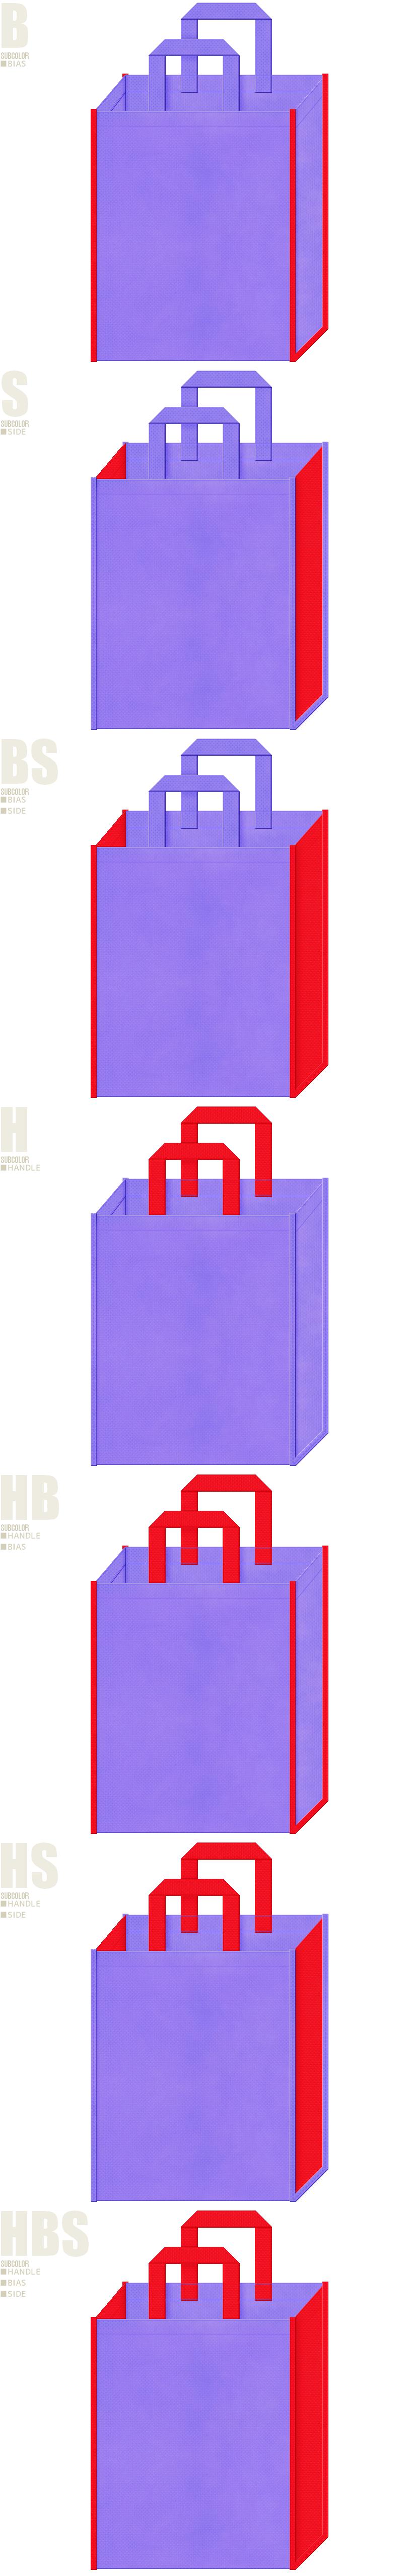 明るめの紫色と赤色、7パターンの不織布トートバッグ配色デザイン例。